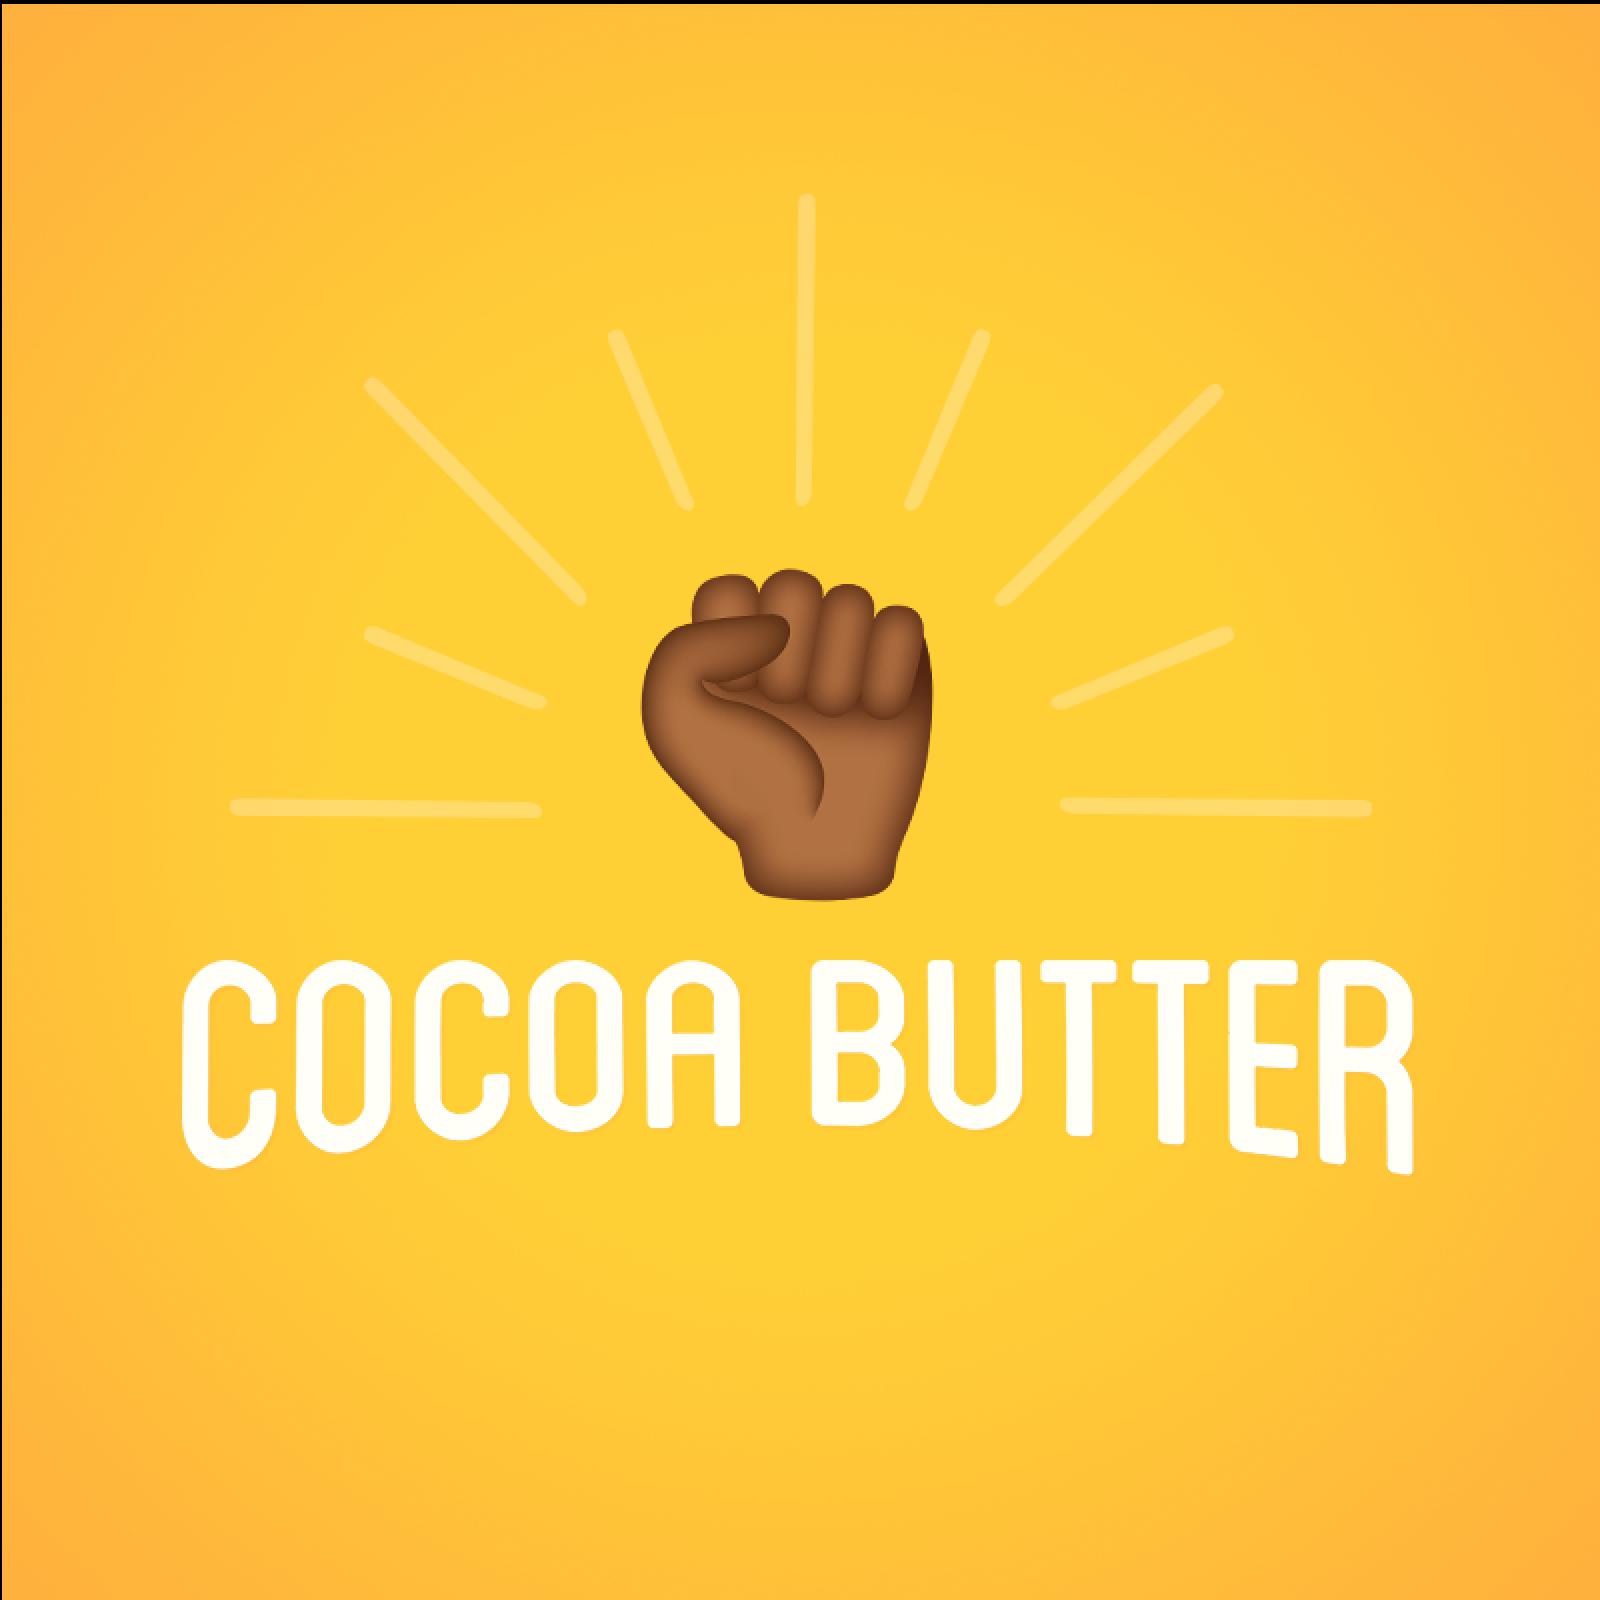 Cocoa Butter Logo